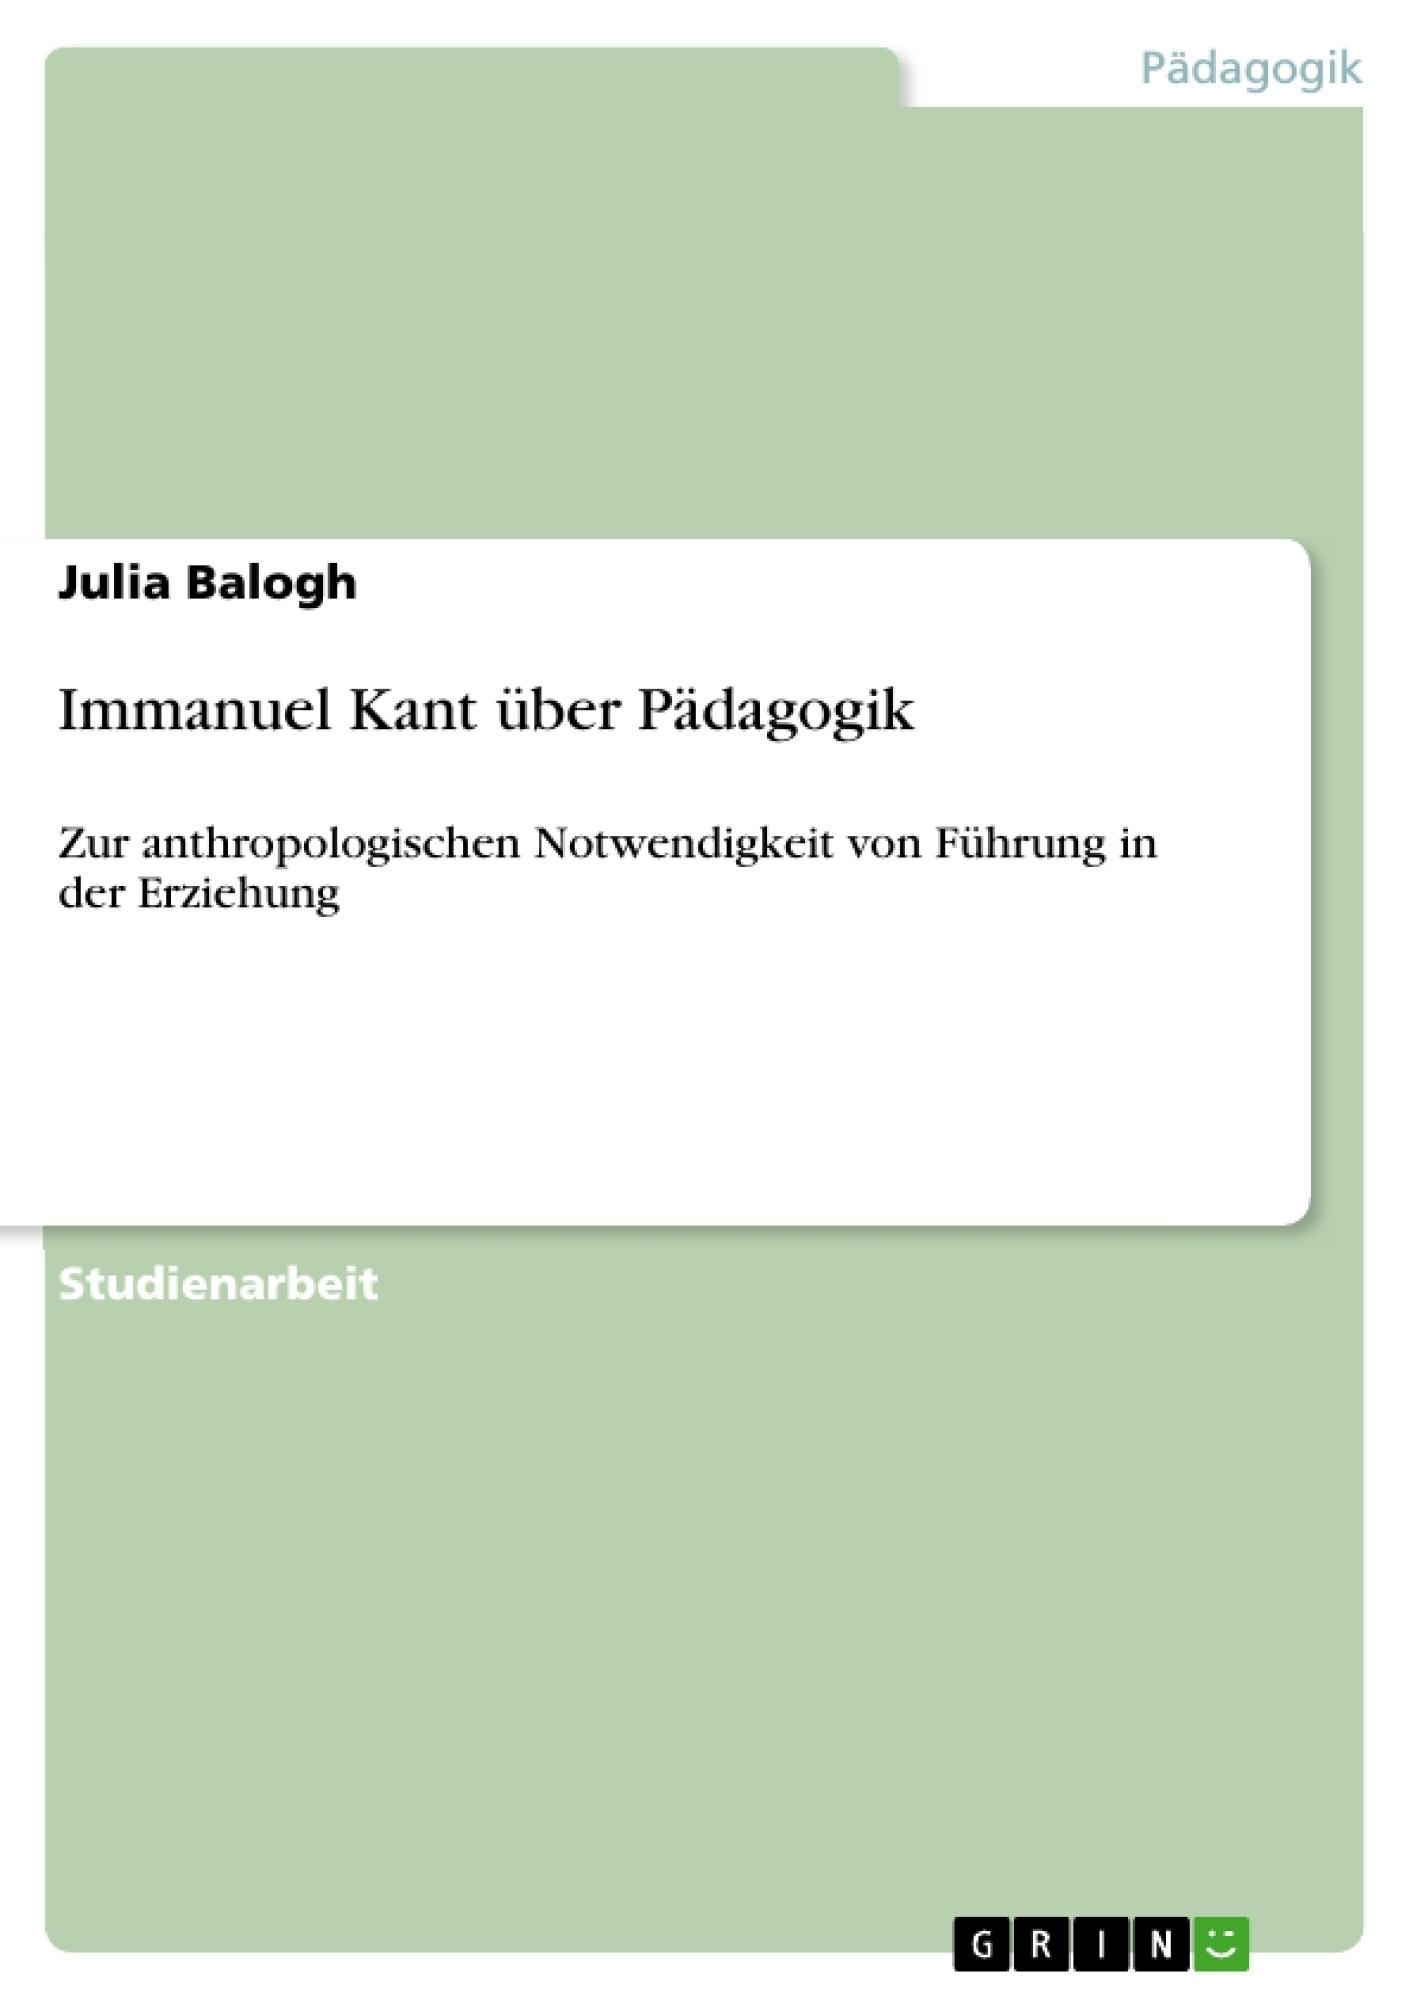 Titel: Immanuel Kant über Pädagogik